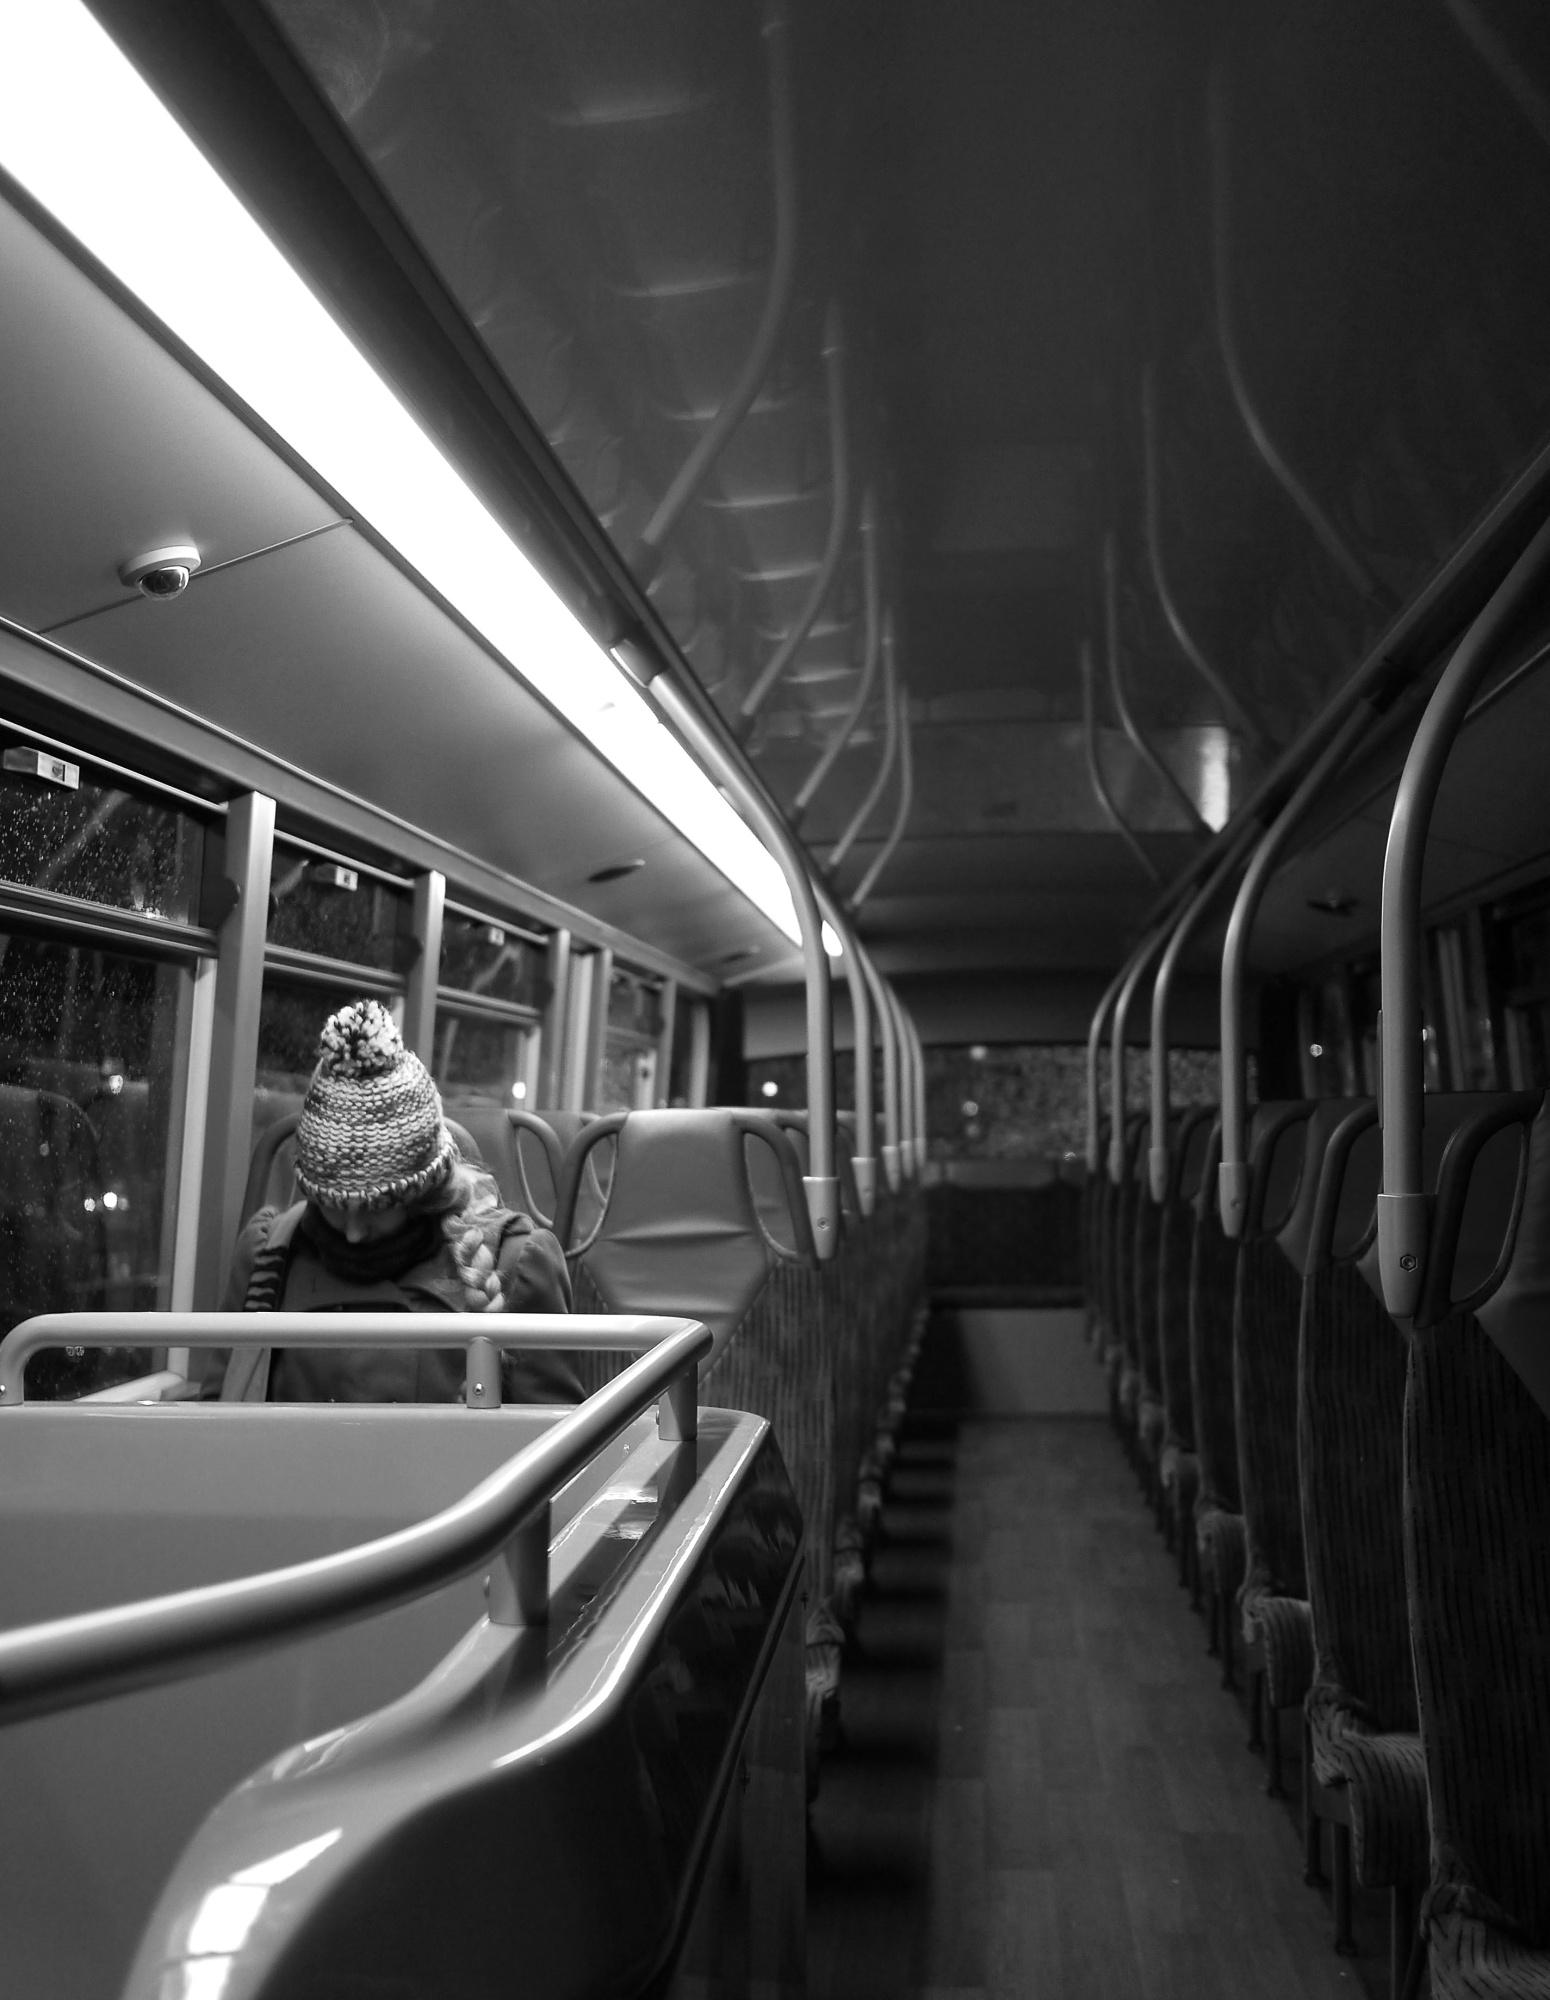 I am a Passenger